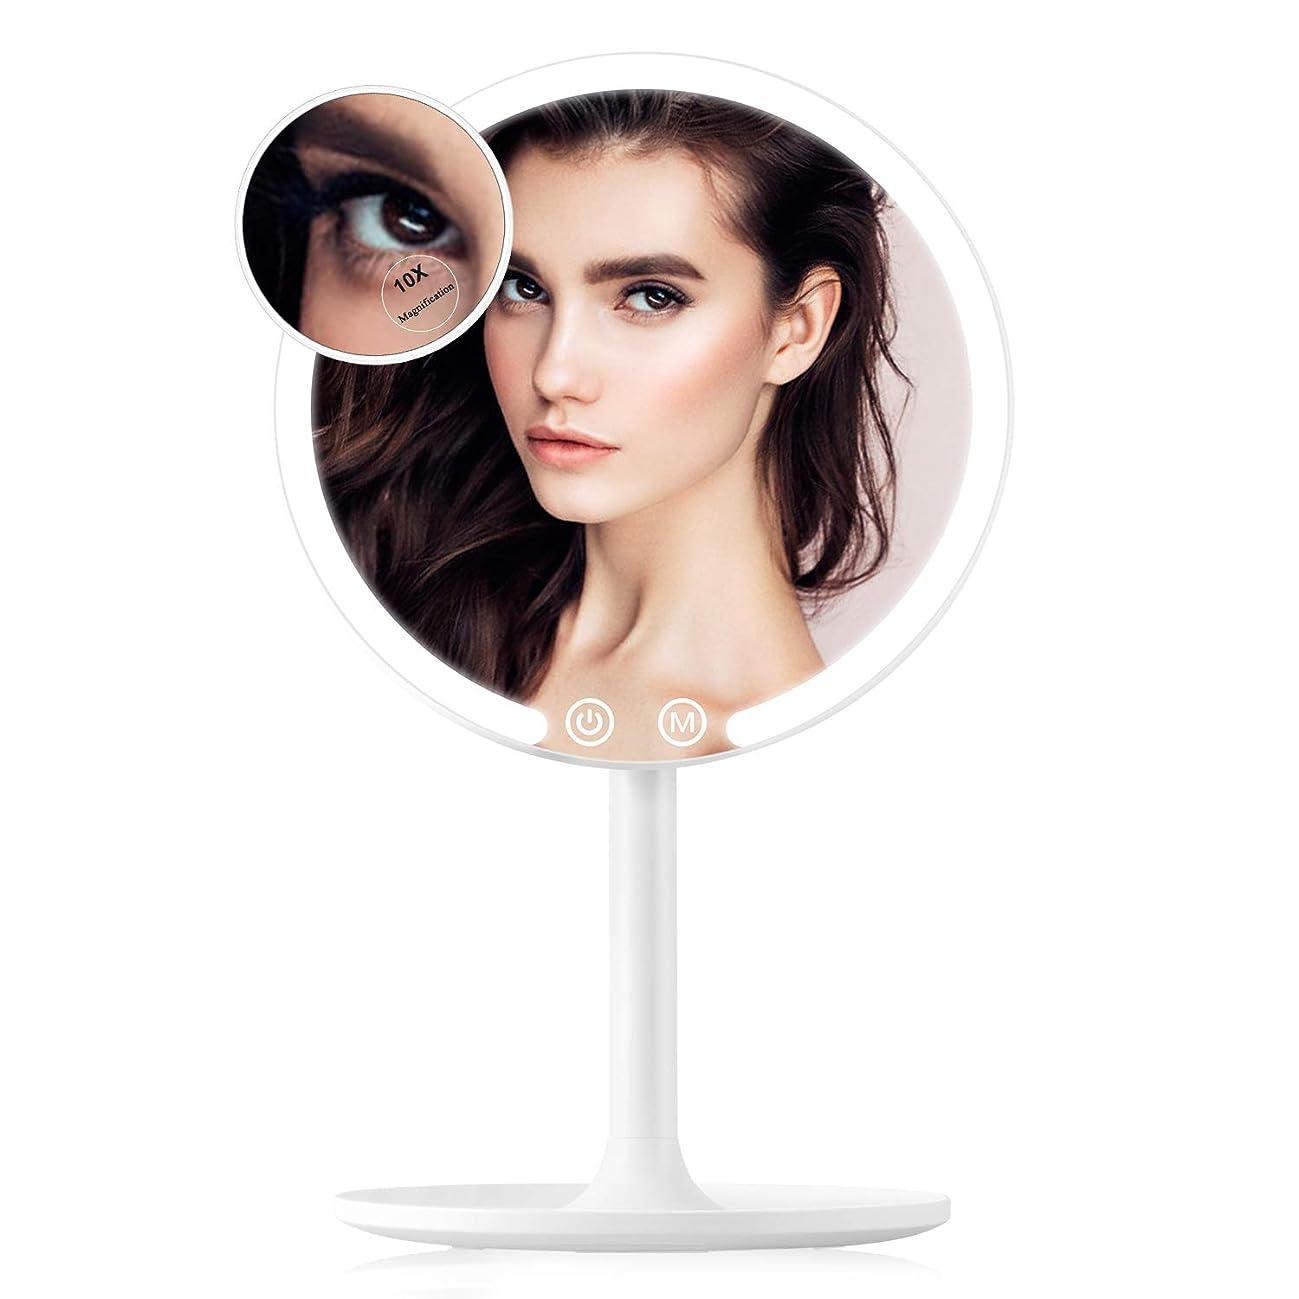 頑丈フィルタスラッシュEasehold ミニ卓上化粧鏡 化粧ミラー 充電可能 42個LED付き スタンドミラー 3色のライトモード 調光可能 90°回転 1倍/10倍拡大鏡 取り外し可能 指タッチ メイク スキンケア